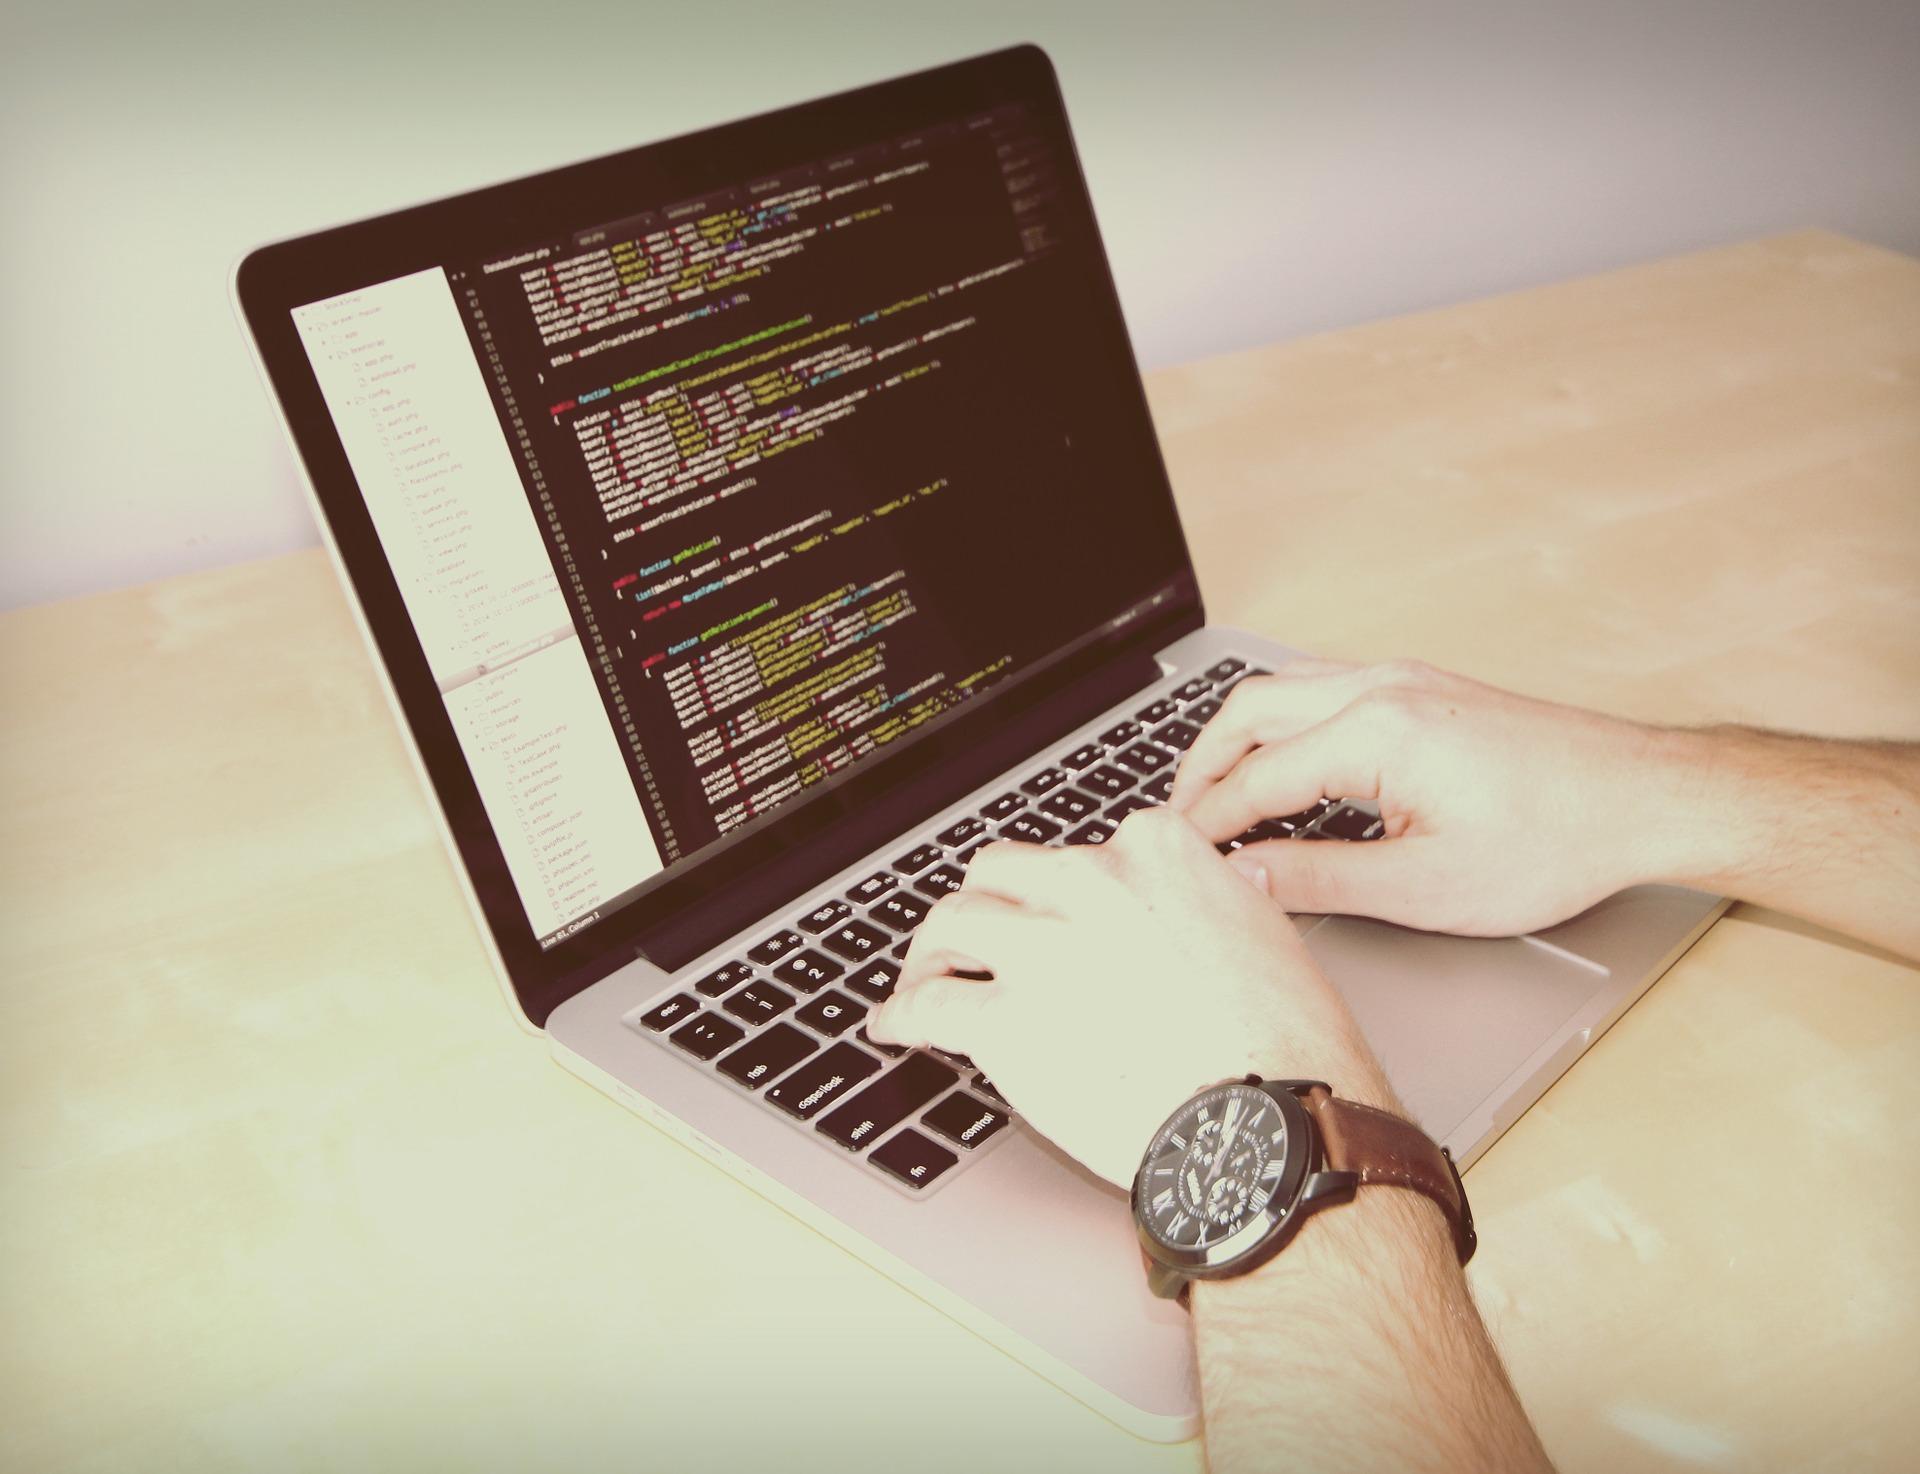 Тренды 2016 года в программировании по версии Stack Overflow